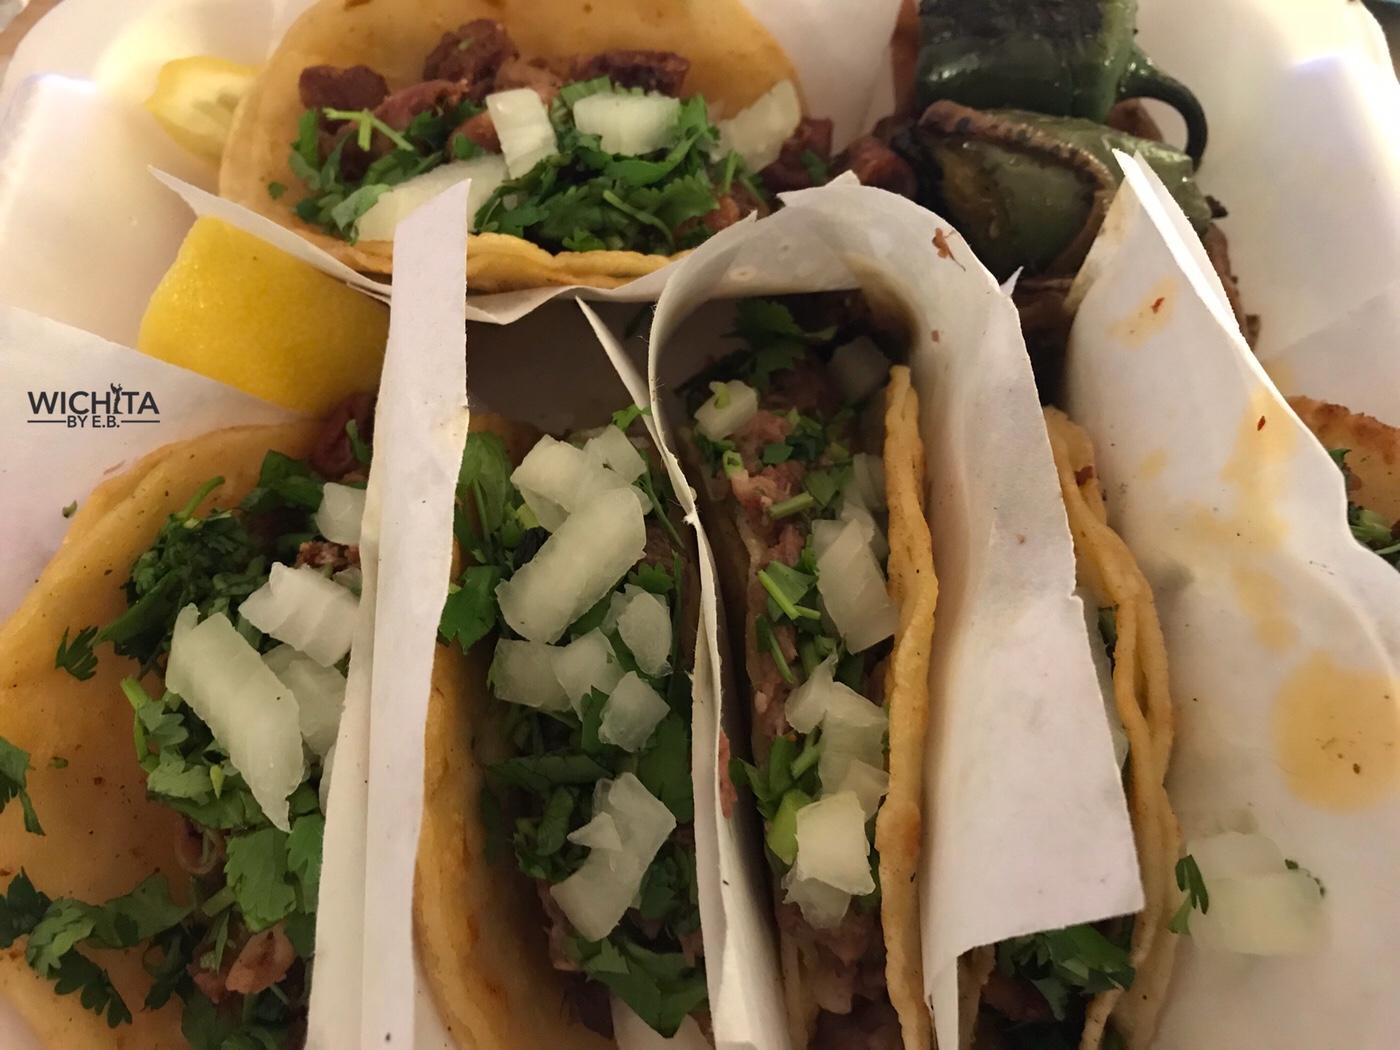 Ricos Tacos El Torito #2